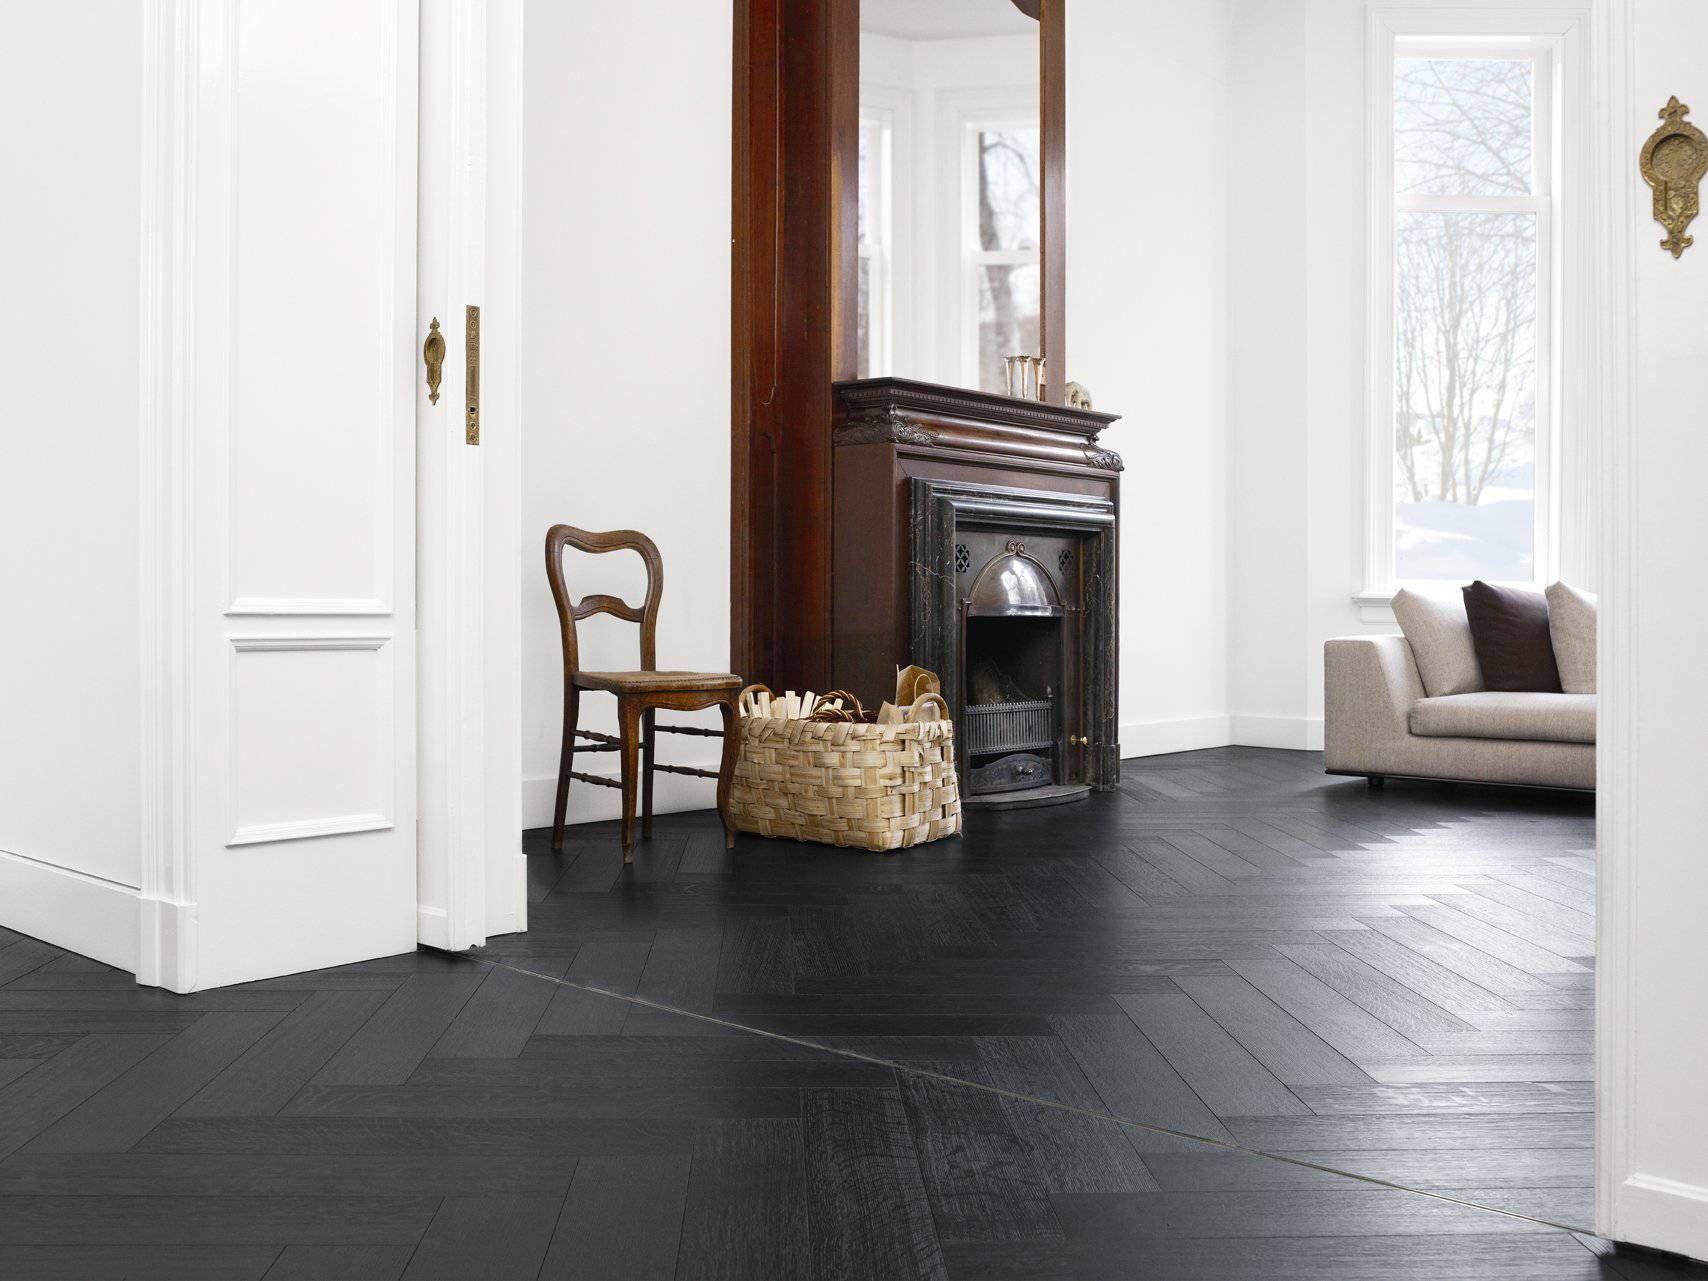 Houten vloer visgraat in woonkamer via Martijn de Wit vloeren ...